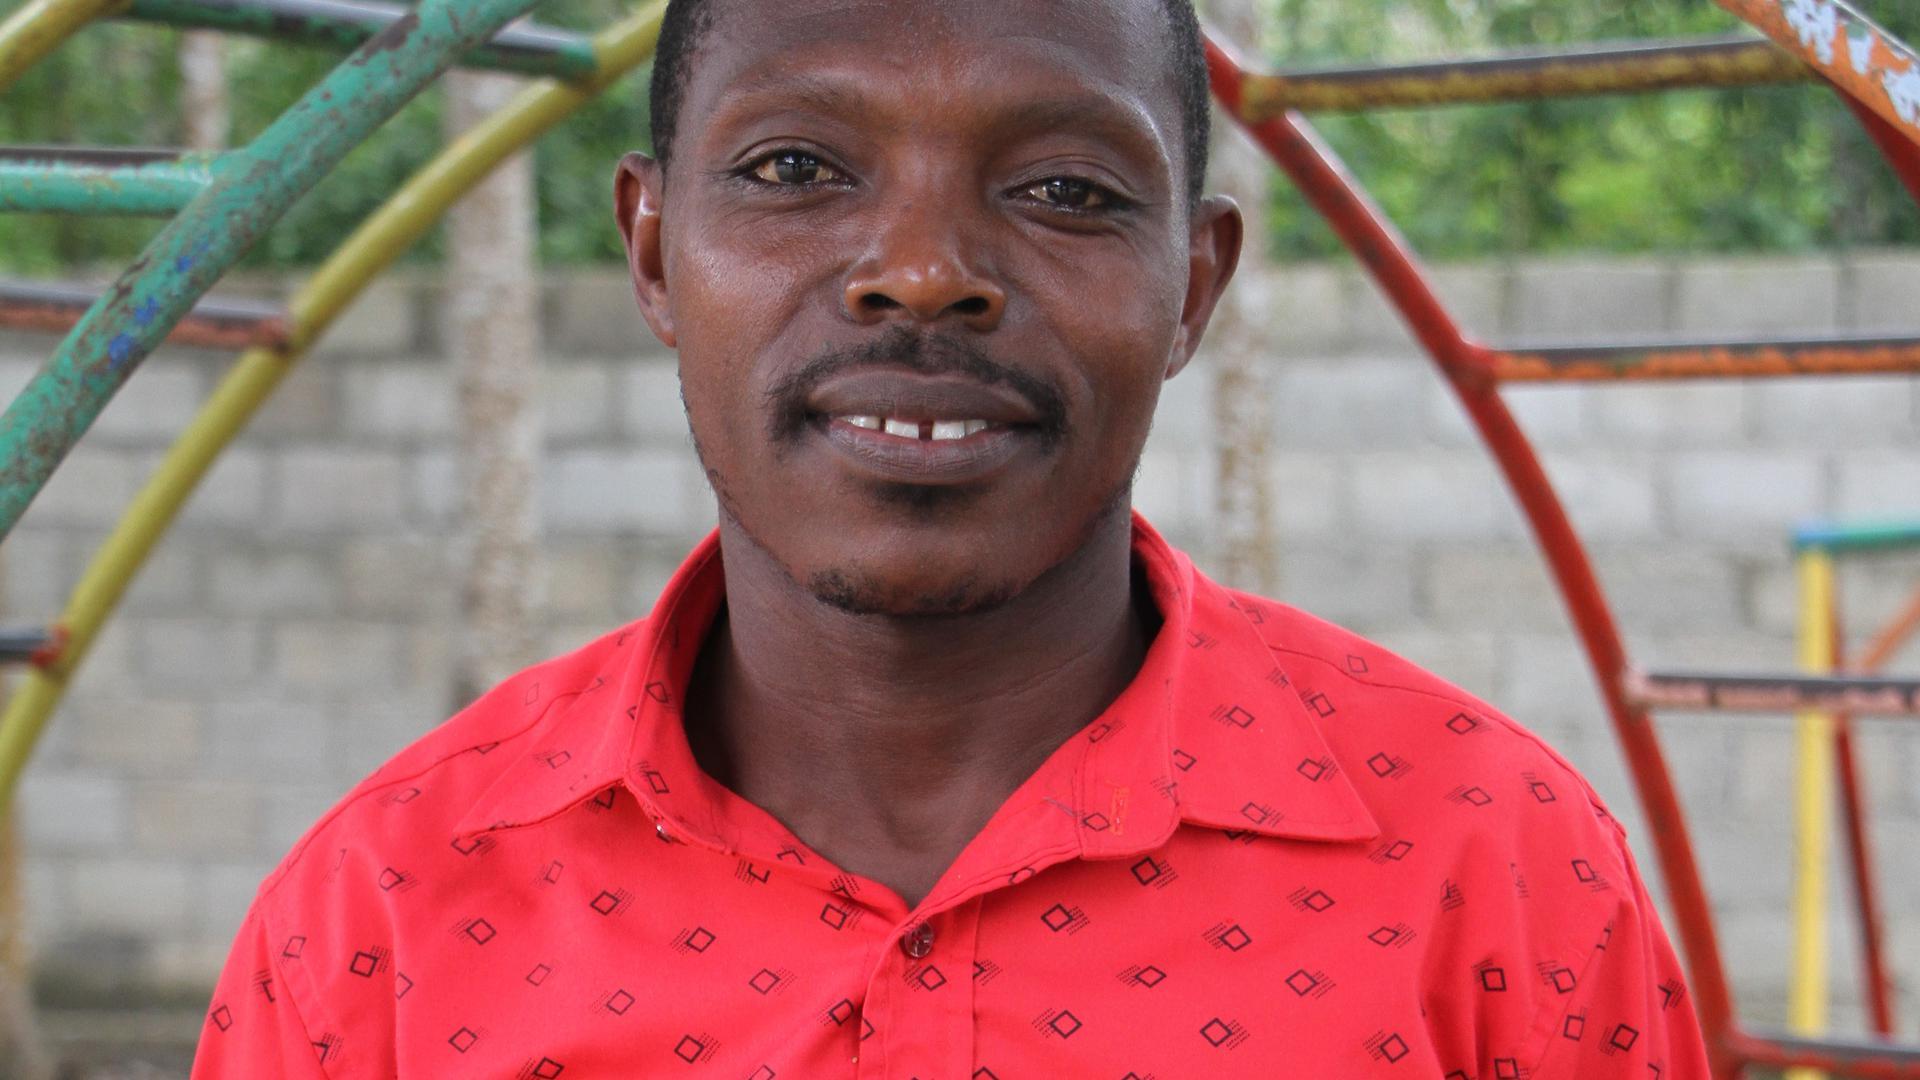 Laneau Alerte wollte bereits als Kind Lehrer werden, da es ihn fasziniert, sein Wissen weiterzugeben.